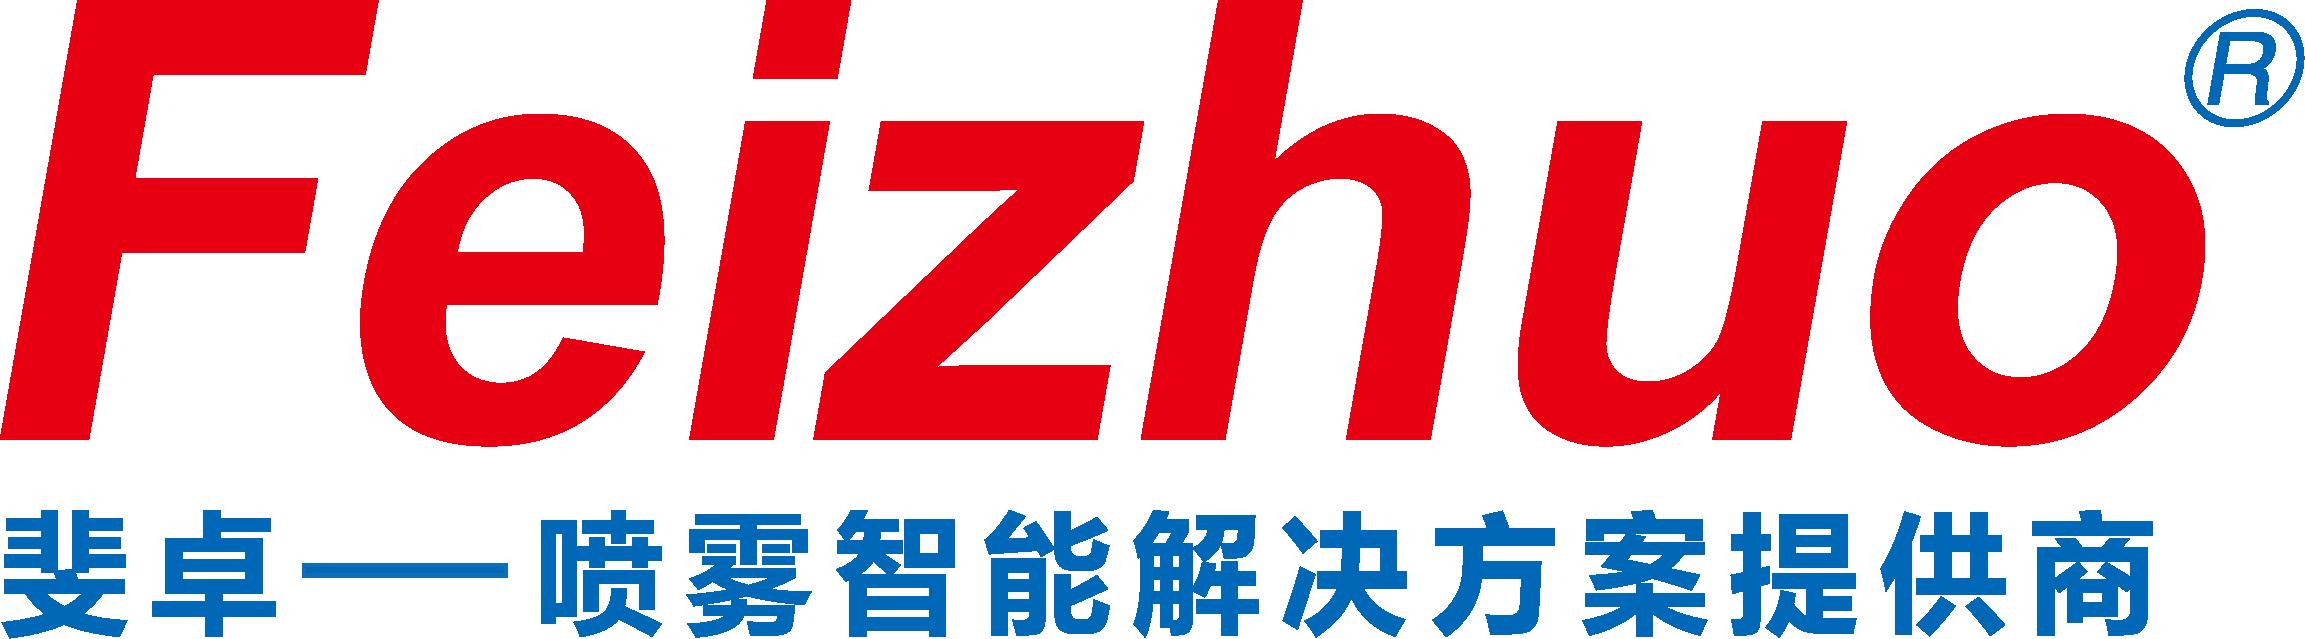 火狐体育app-火狐体育手机版-火狐体育手机官网